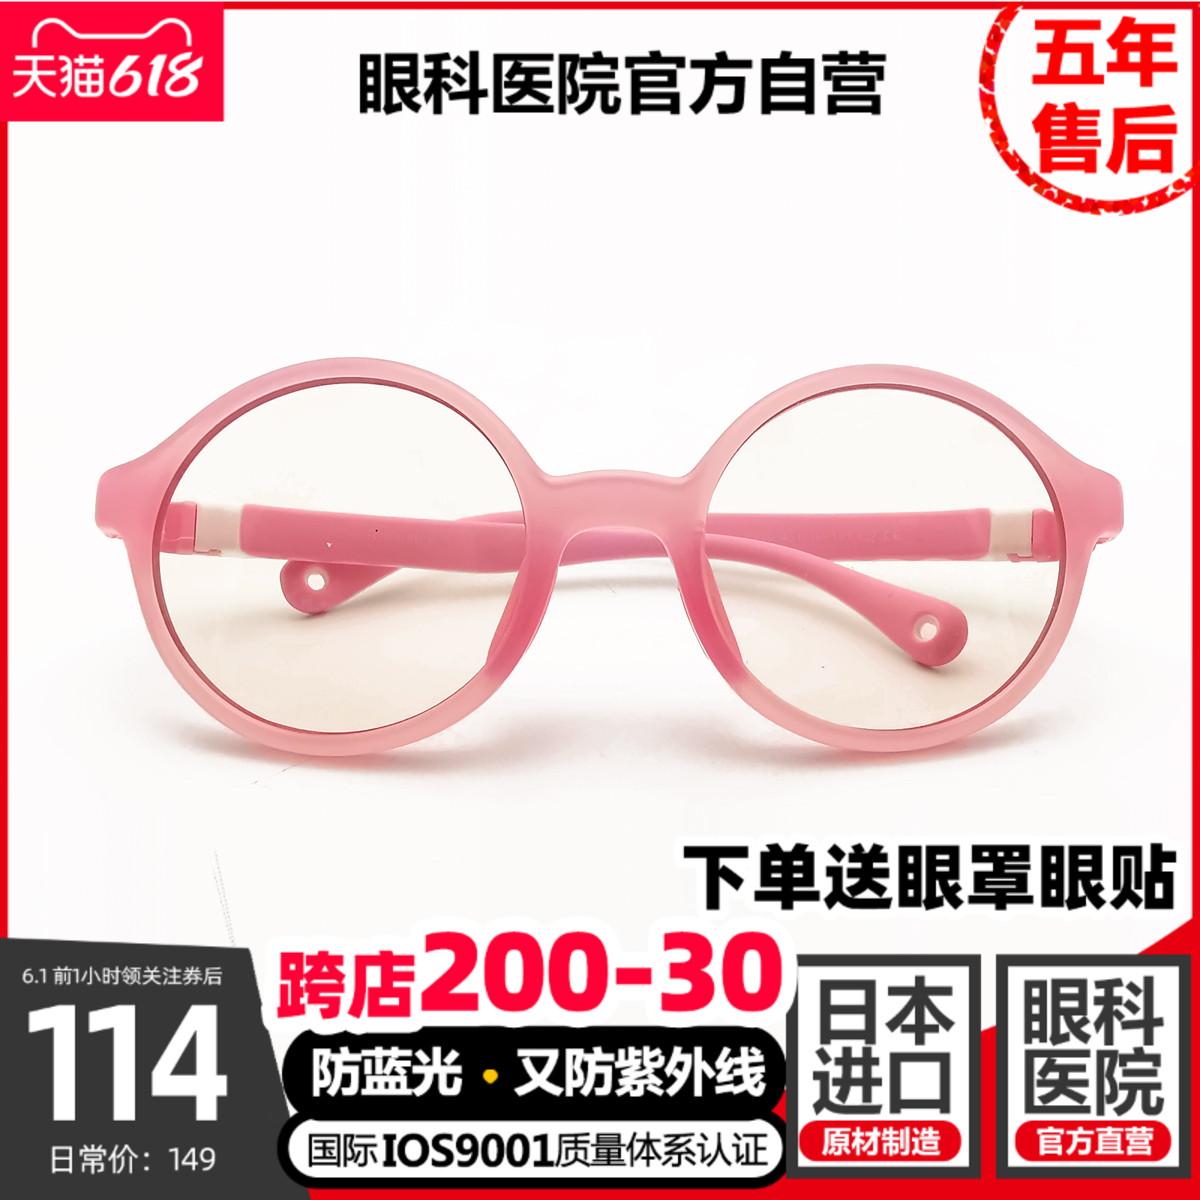 0点开始限1小时 眼科医院直营 Ratinable 睿特保 全框TR90儿童眼镜架+日本三菱防蓝光护眼镜片 天猫优惠券折后¥114.1包邮 2色可选